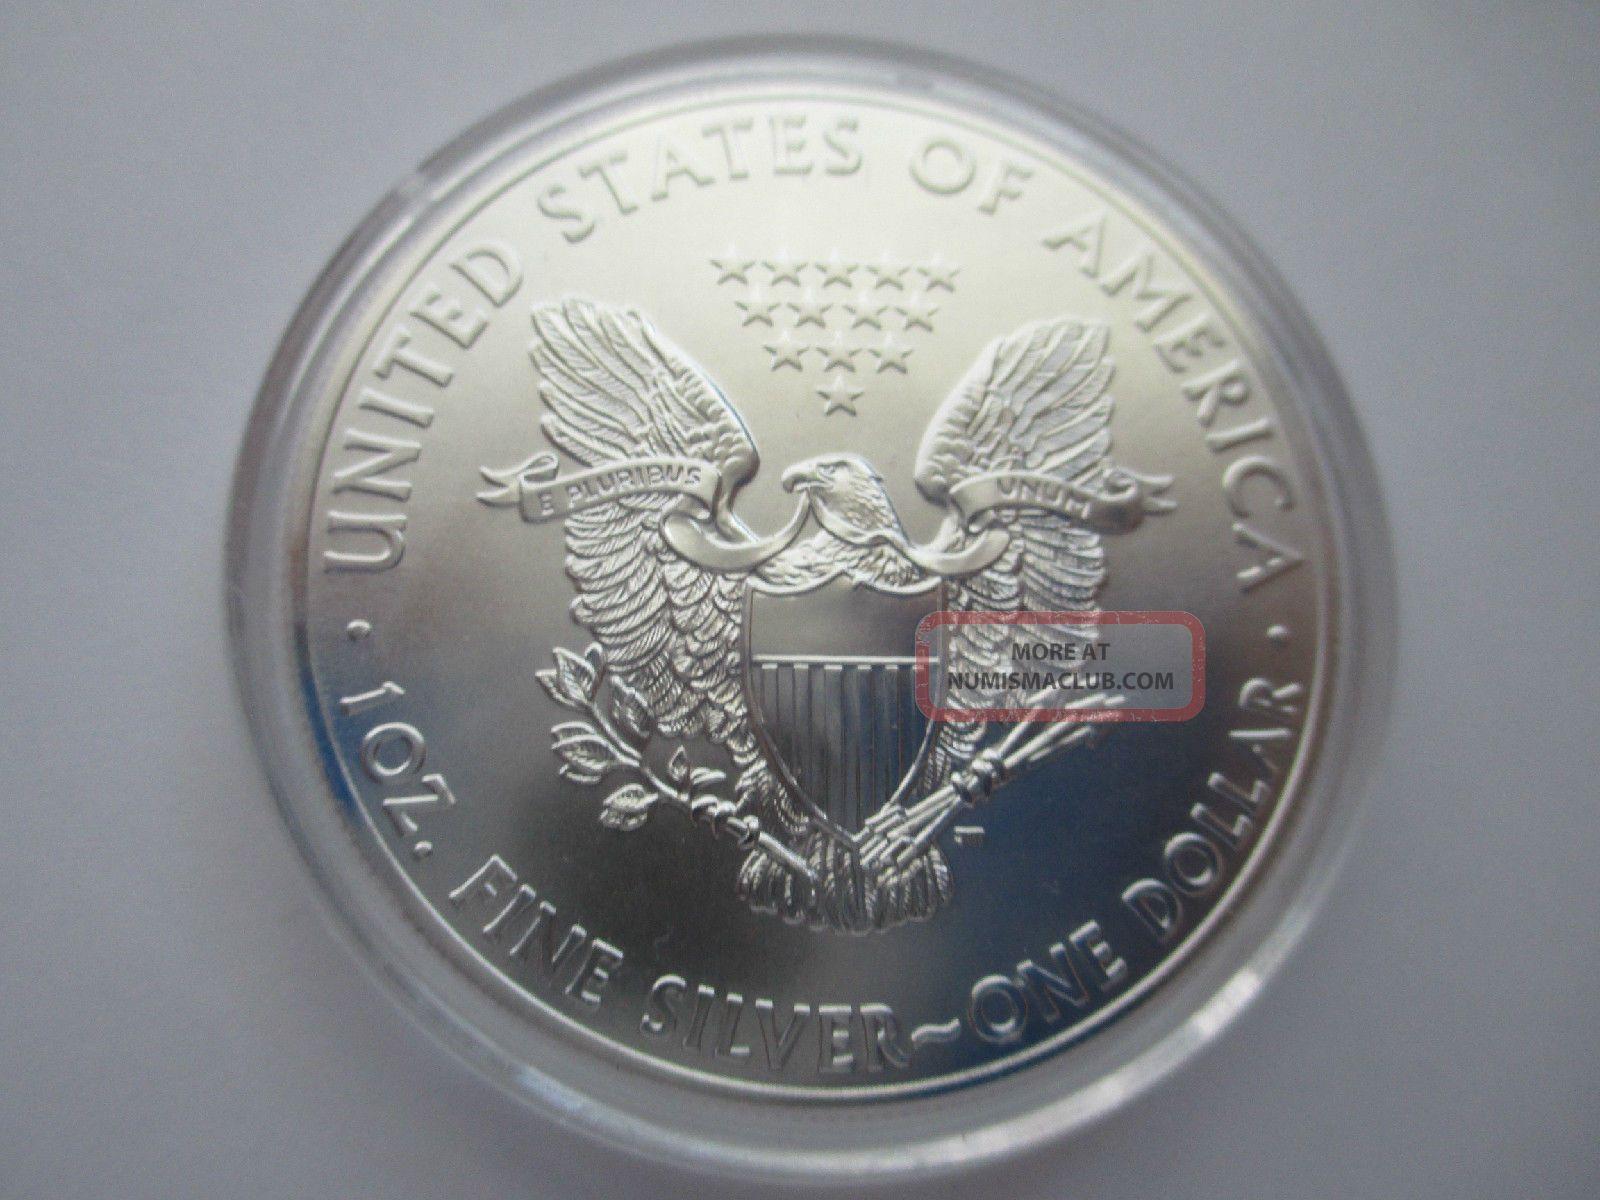 2014 American Silver Eagle Gem Bu 1 Troy Ounce 999 Fine